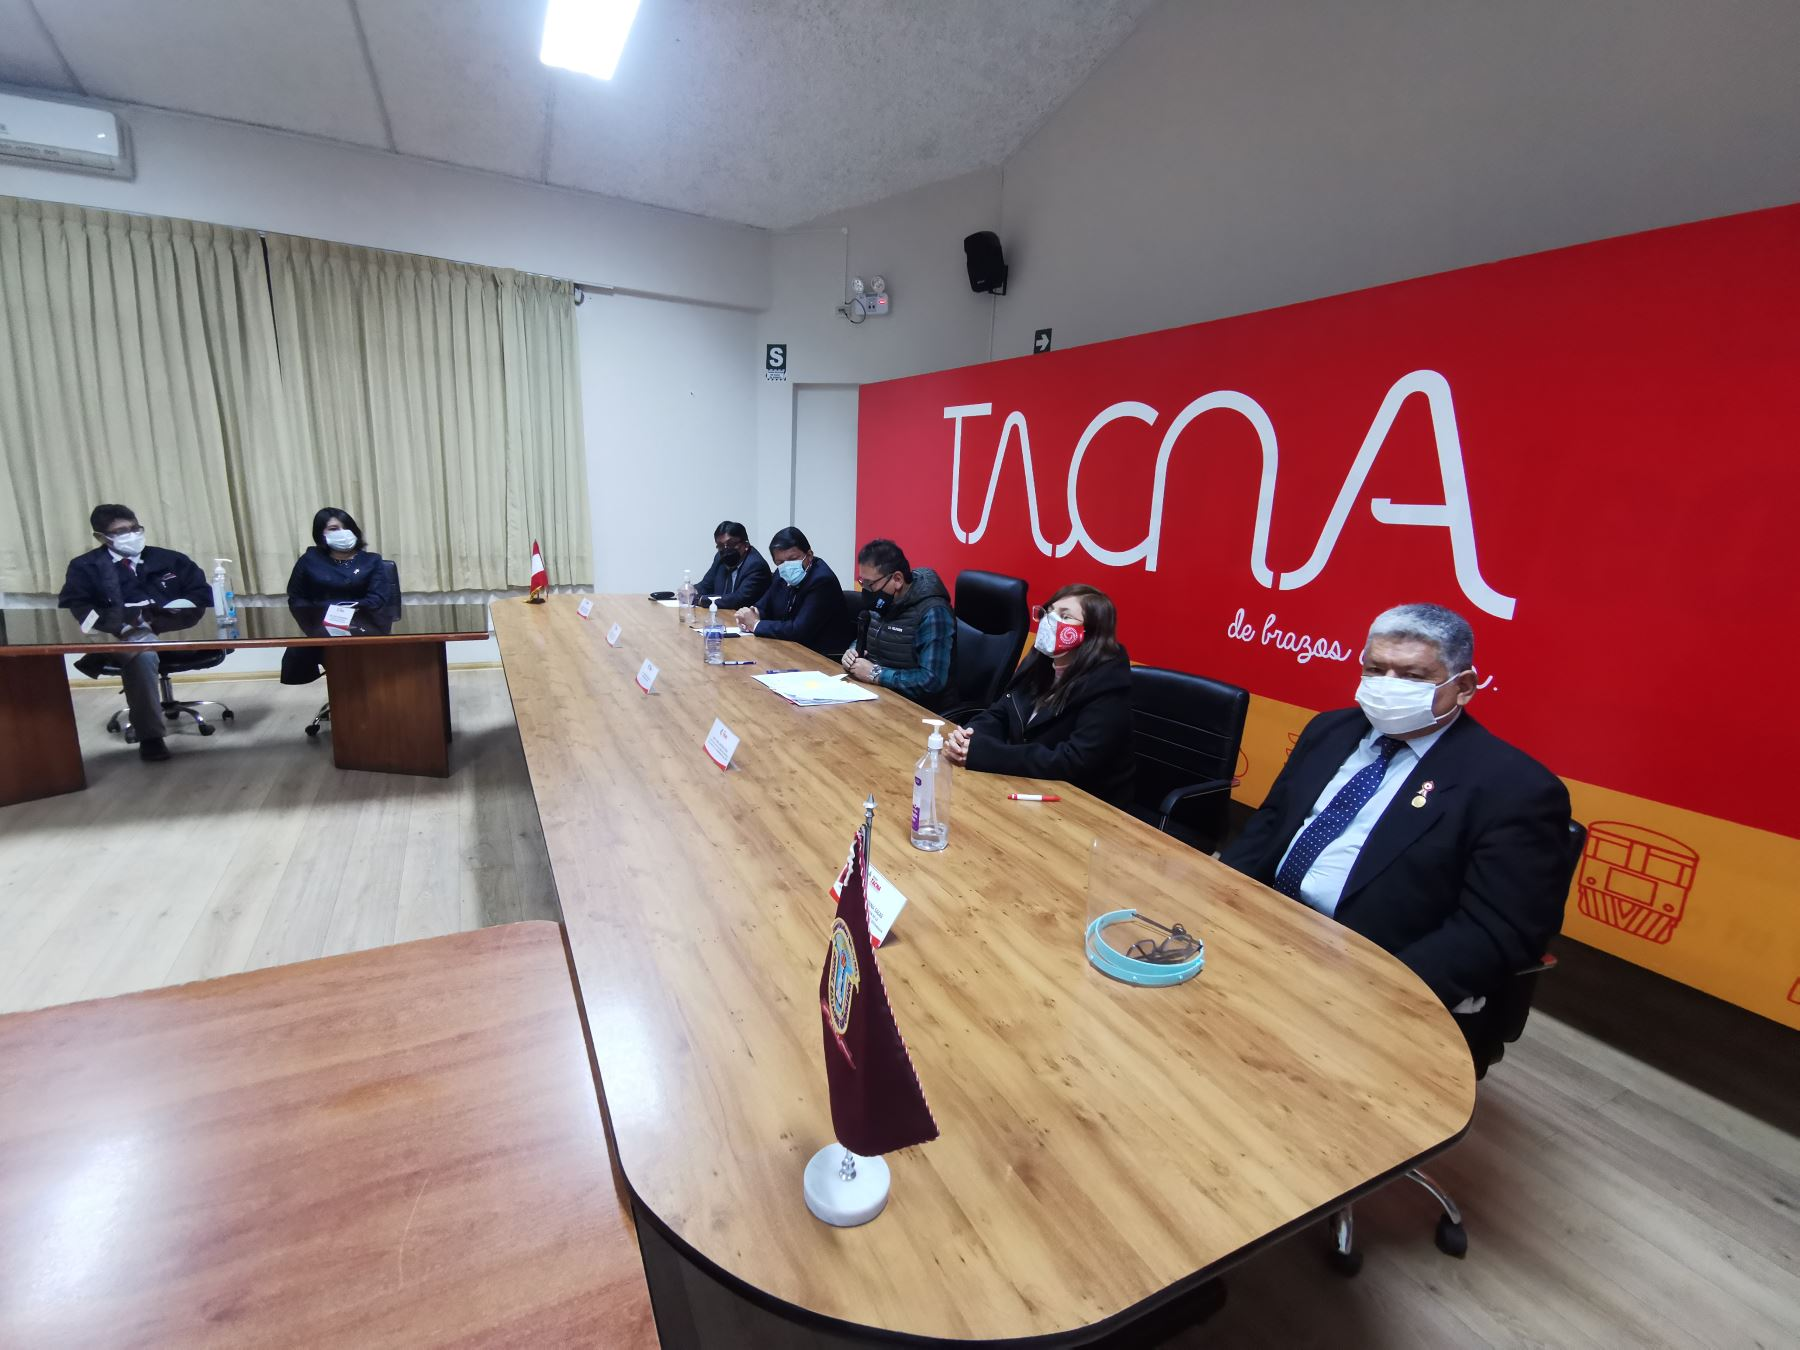 Proyecto Bicentenario suscribió convenio para recuperar Biblioteca Jorge Basadre en Tacna.